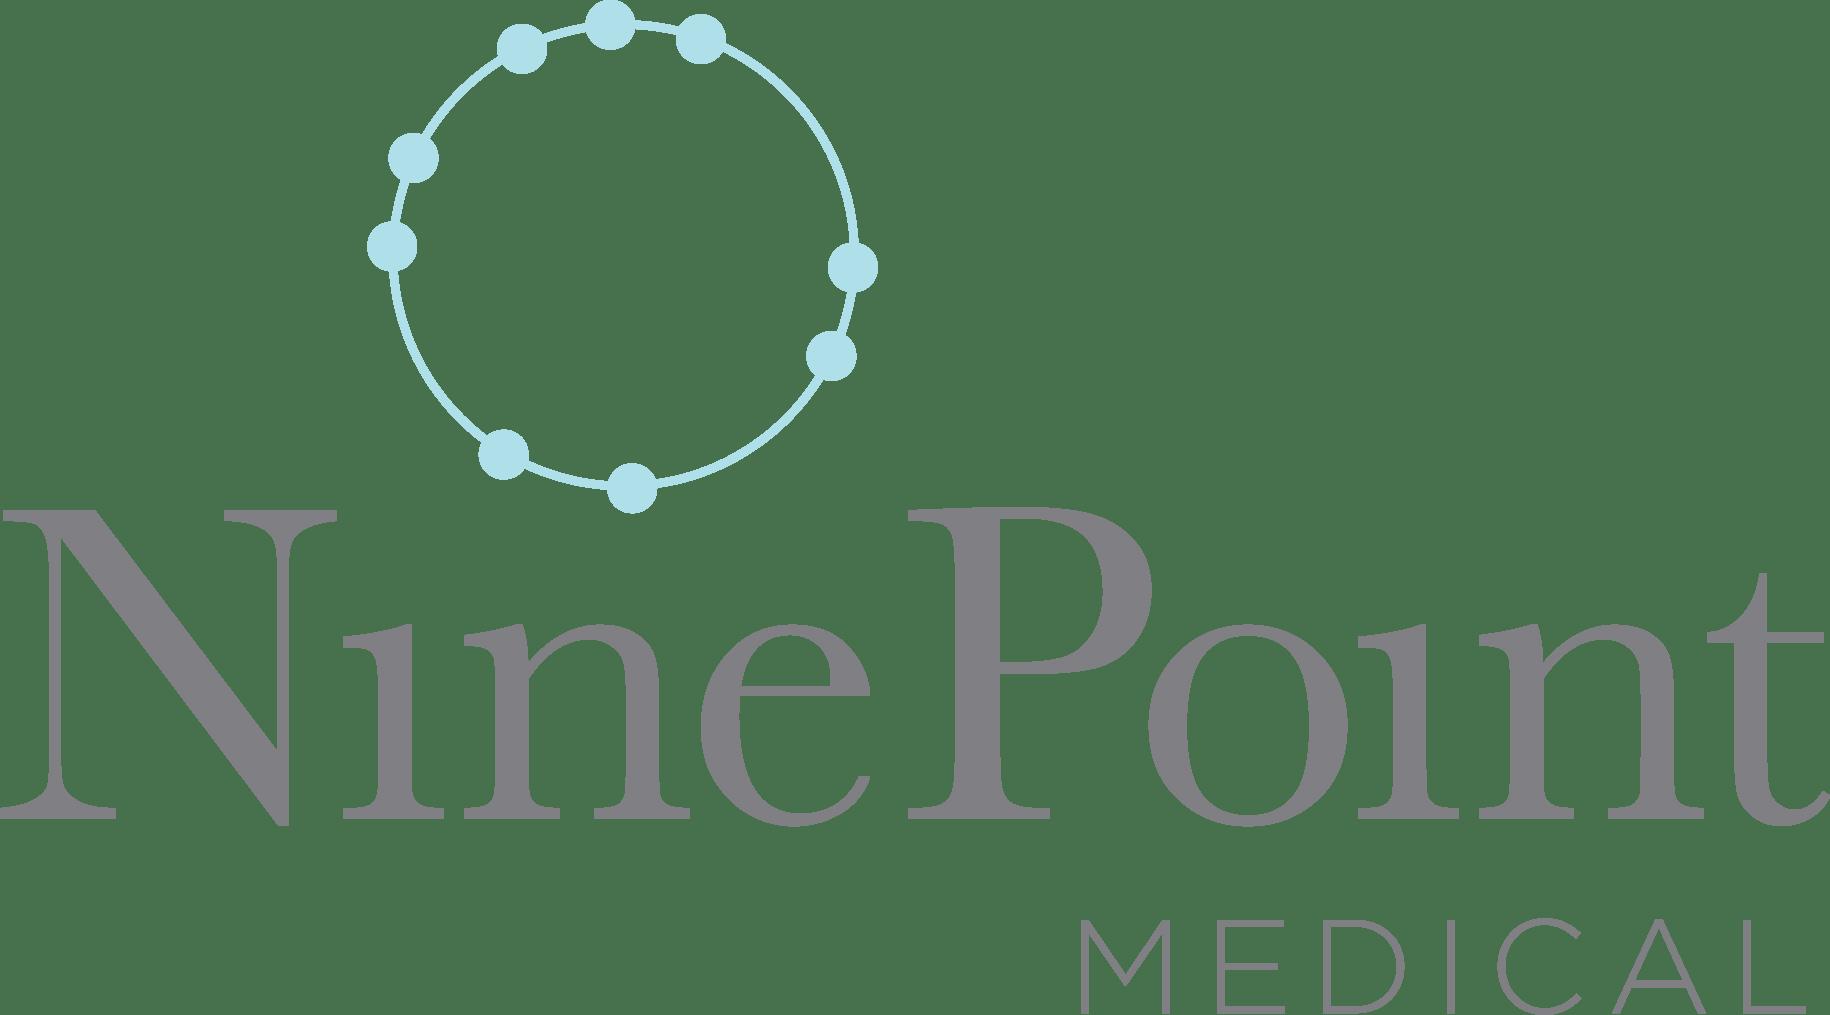 Nine Point Medical